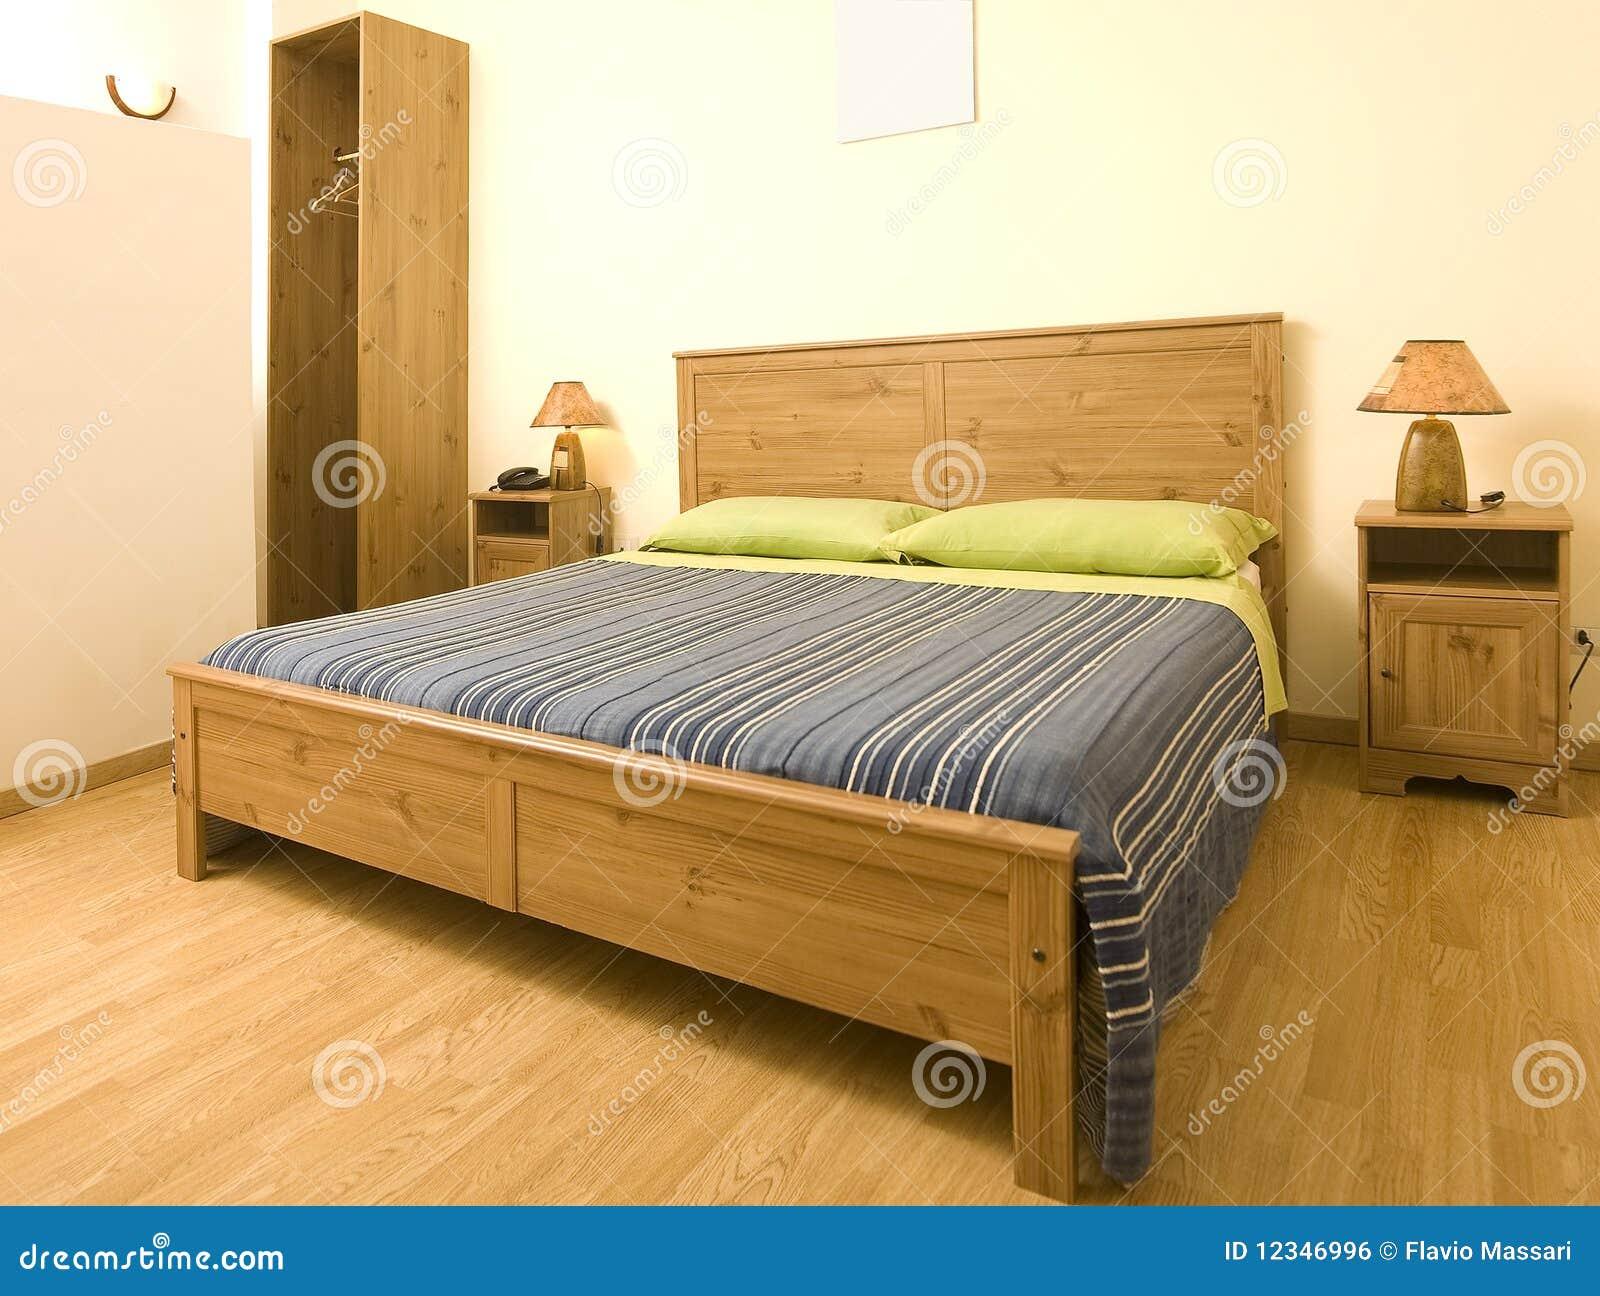 Chambre coucher confortable image libre de droits for Chambre libre